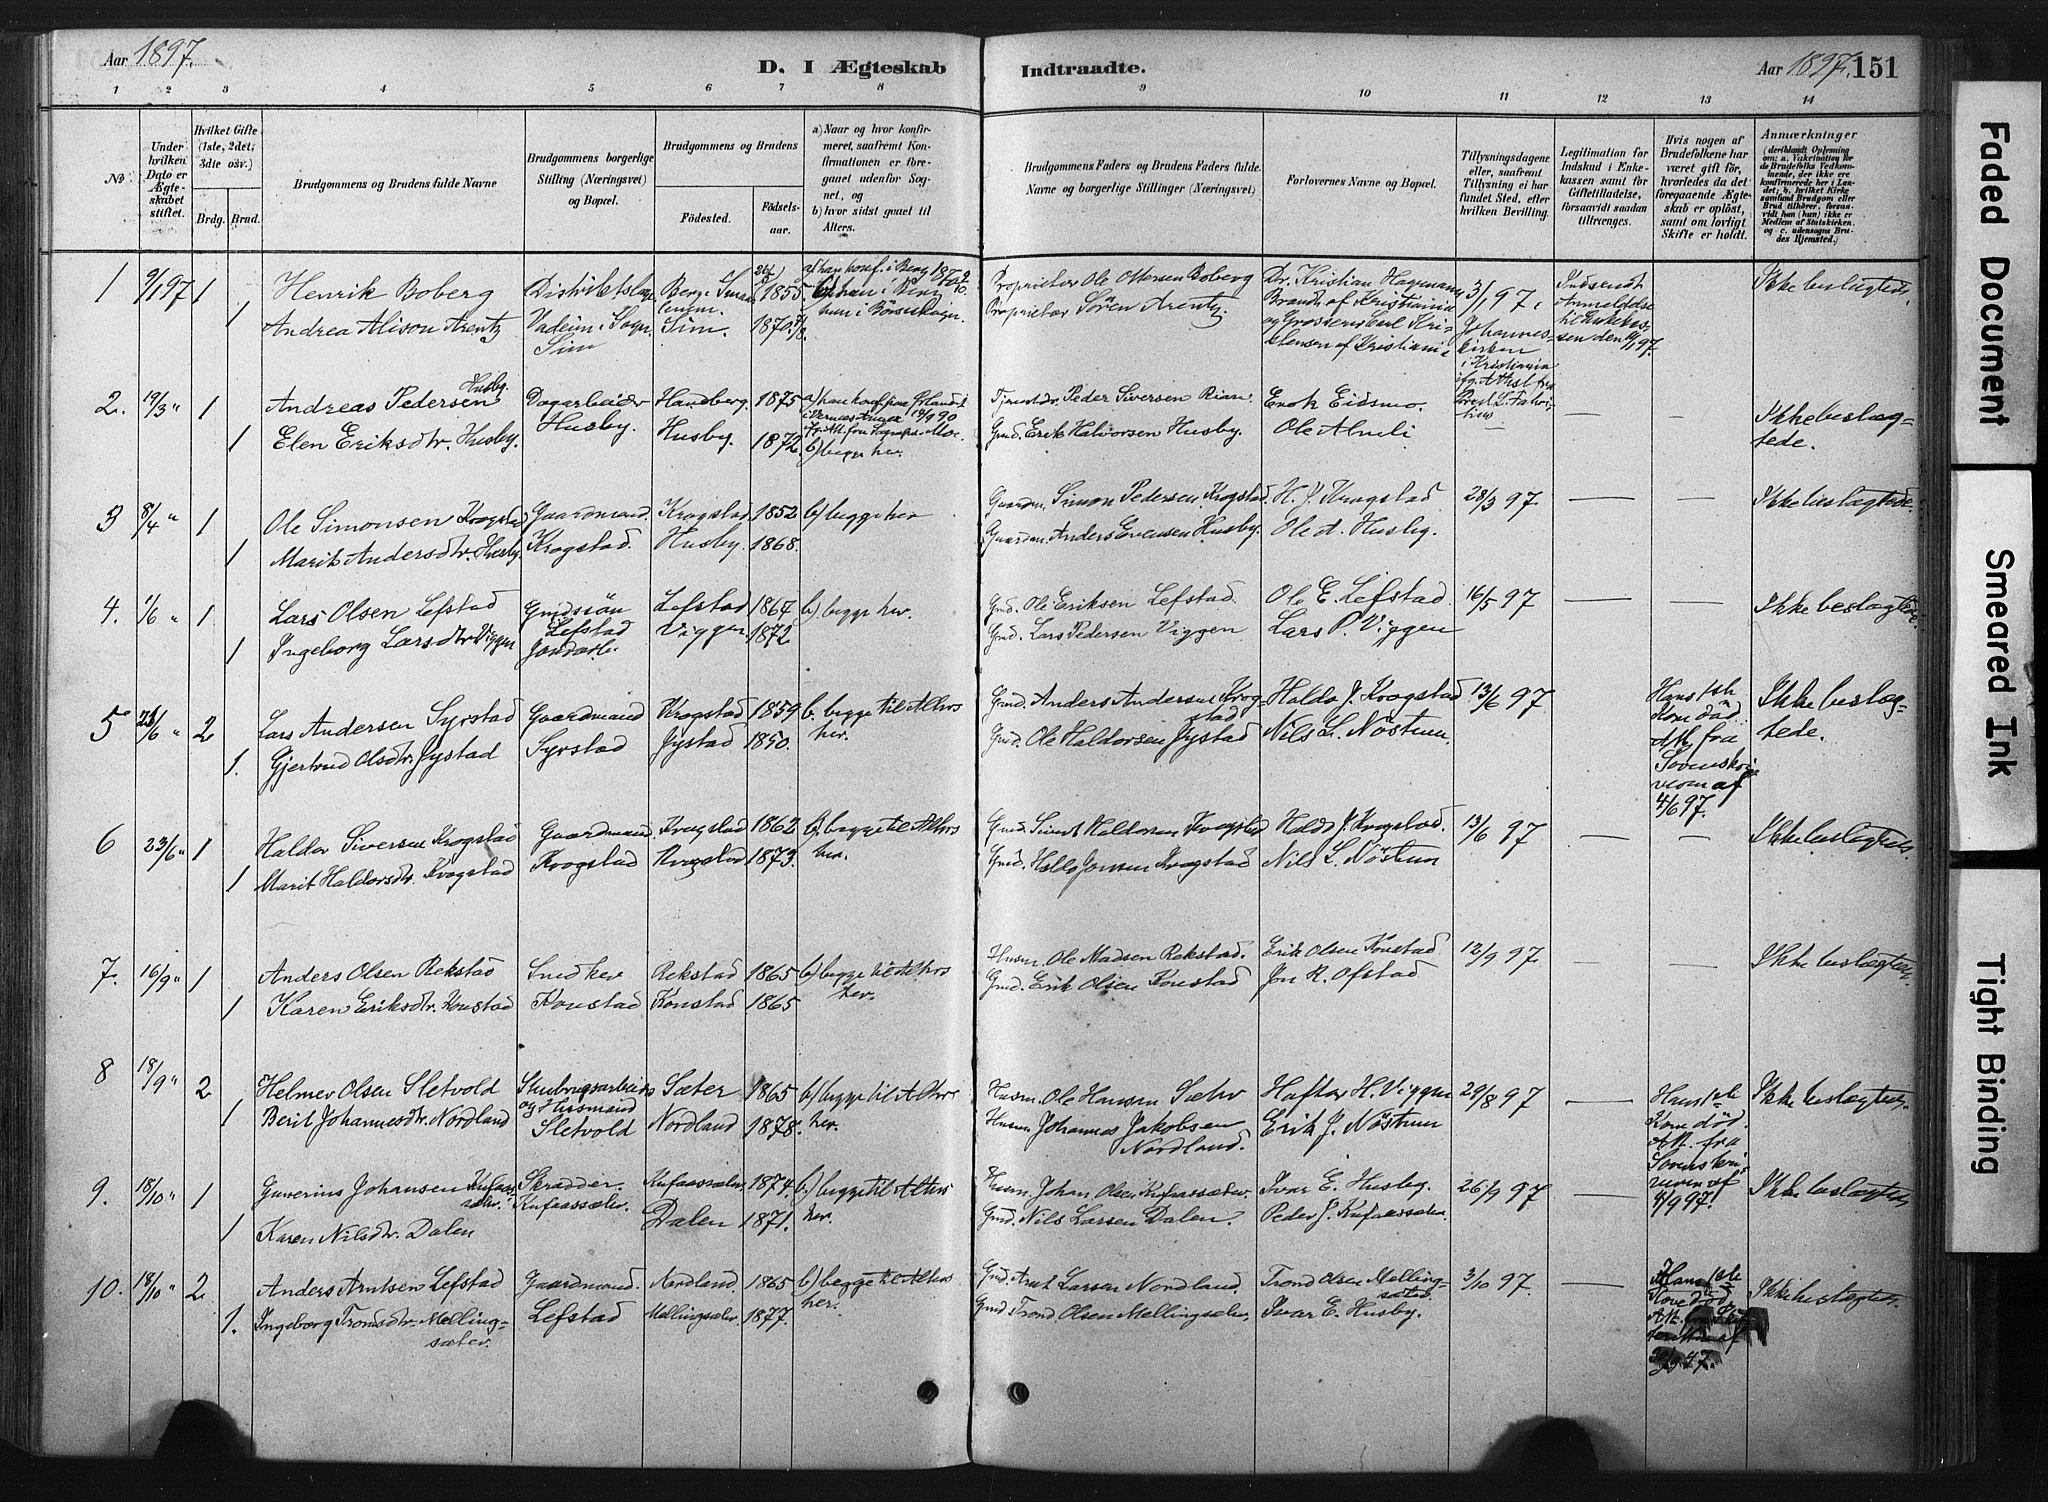 SAT, Ministerialprotokoller, klokkerbøker og fødselsregistre - Sør-Trøndelag, 667/L0795: Ministerialbok nr. 667A03, 1879-1907, s. 151